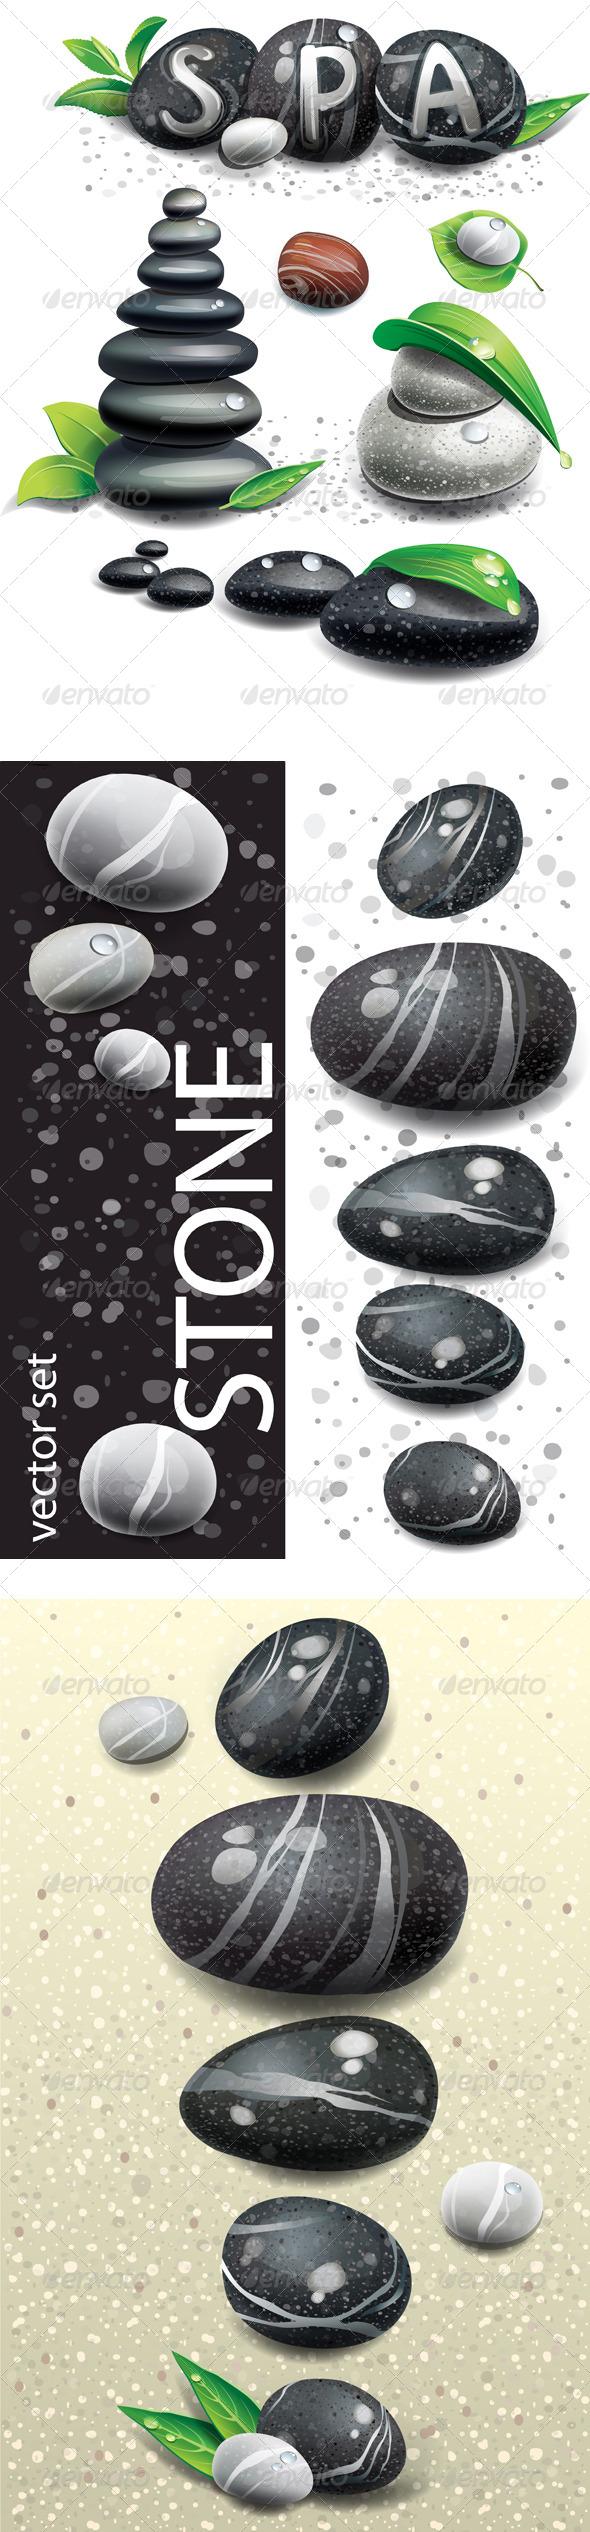 GraphicRiver Spa stones 7636587